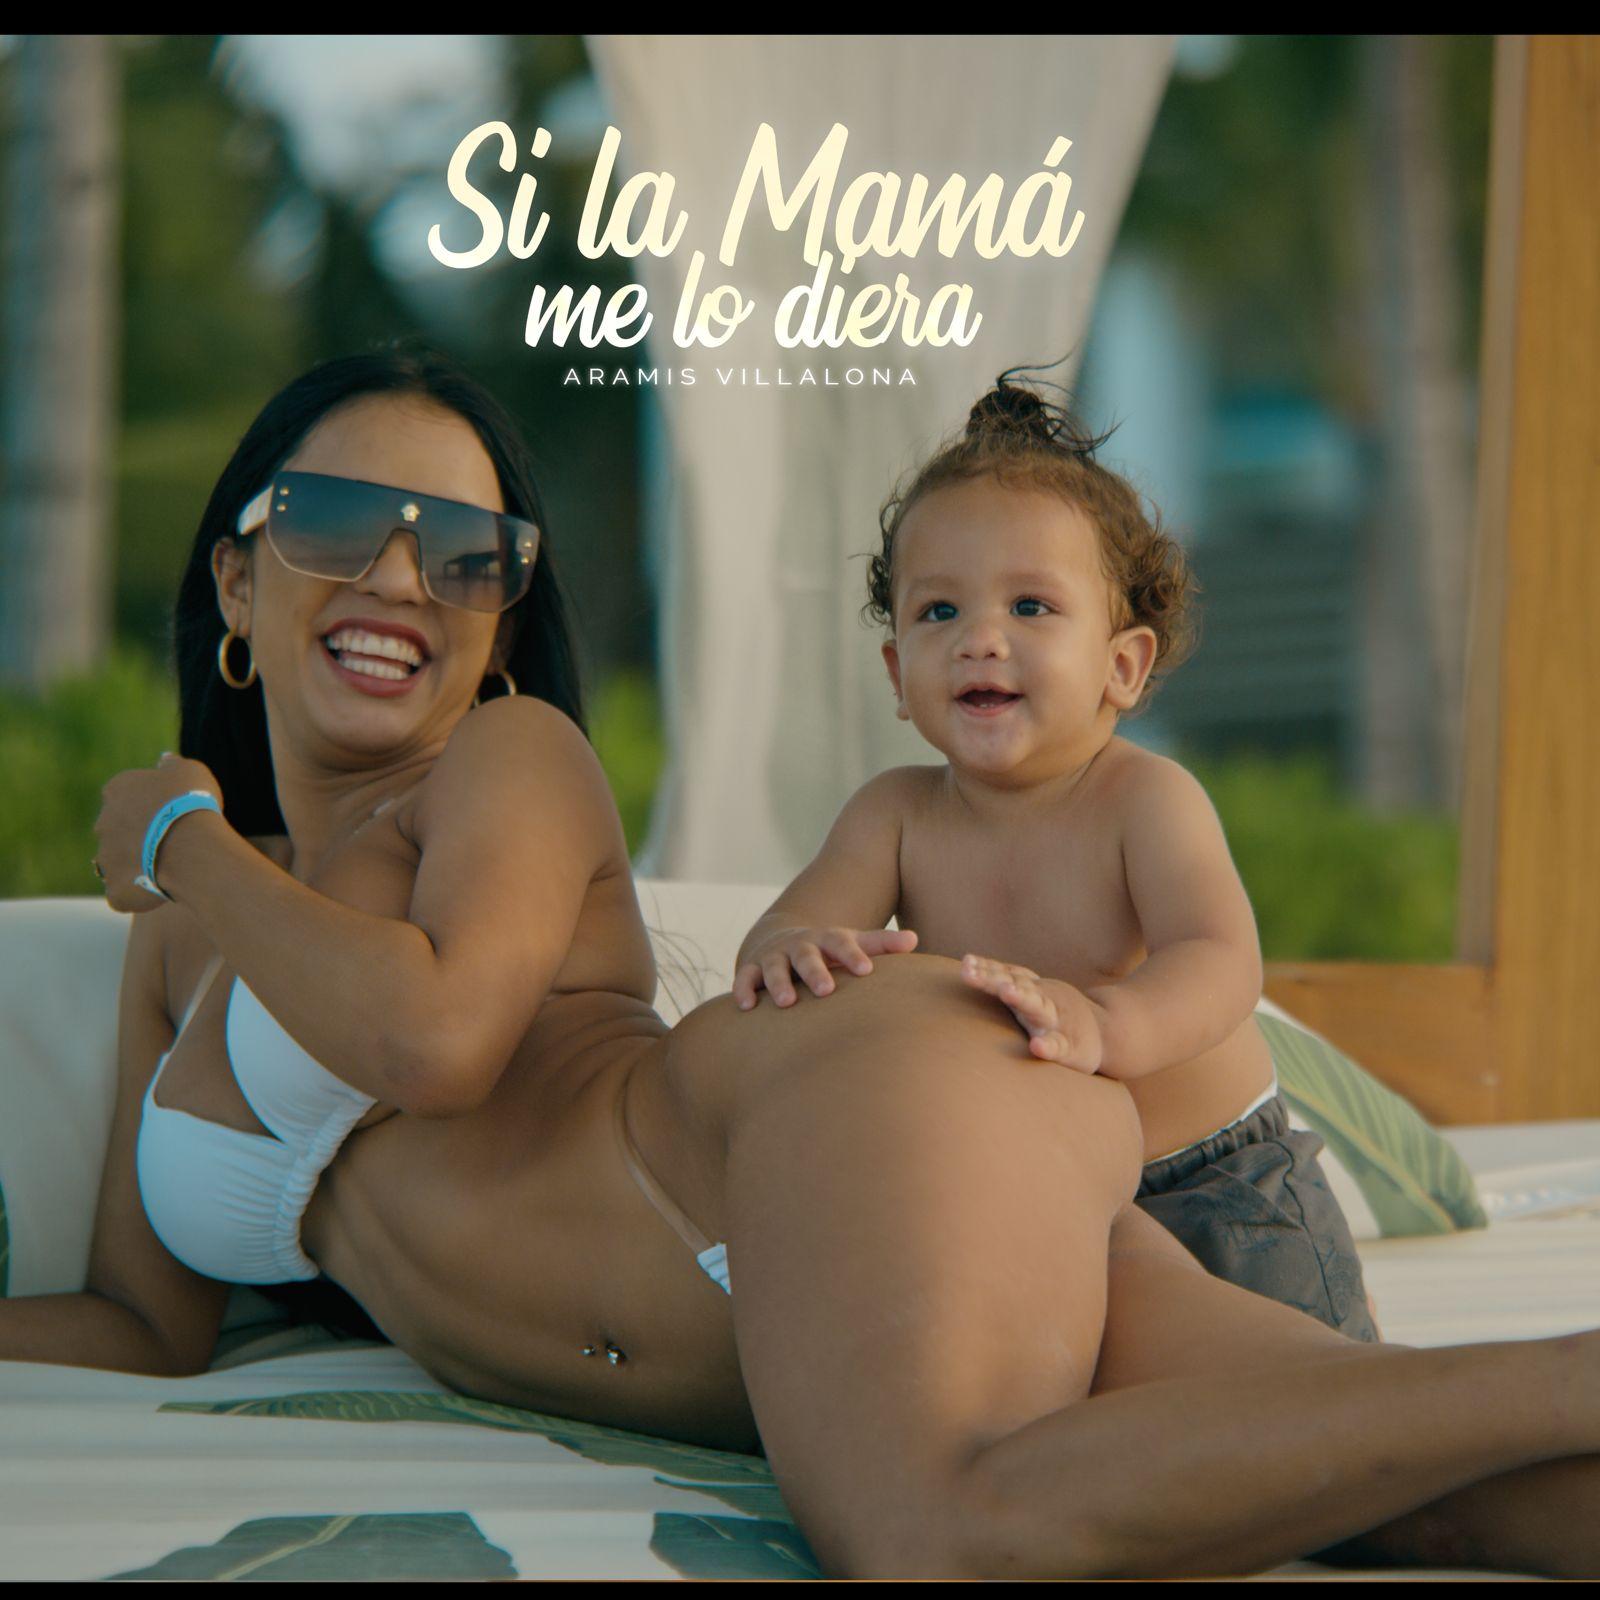 Aramis Villalona ha provocado controversia con las letras picantes de eta canción.